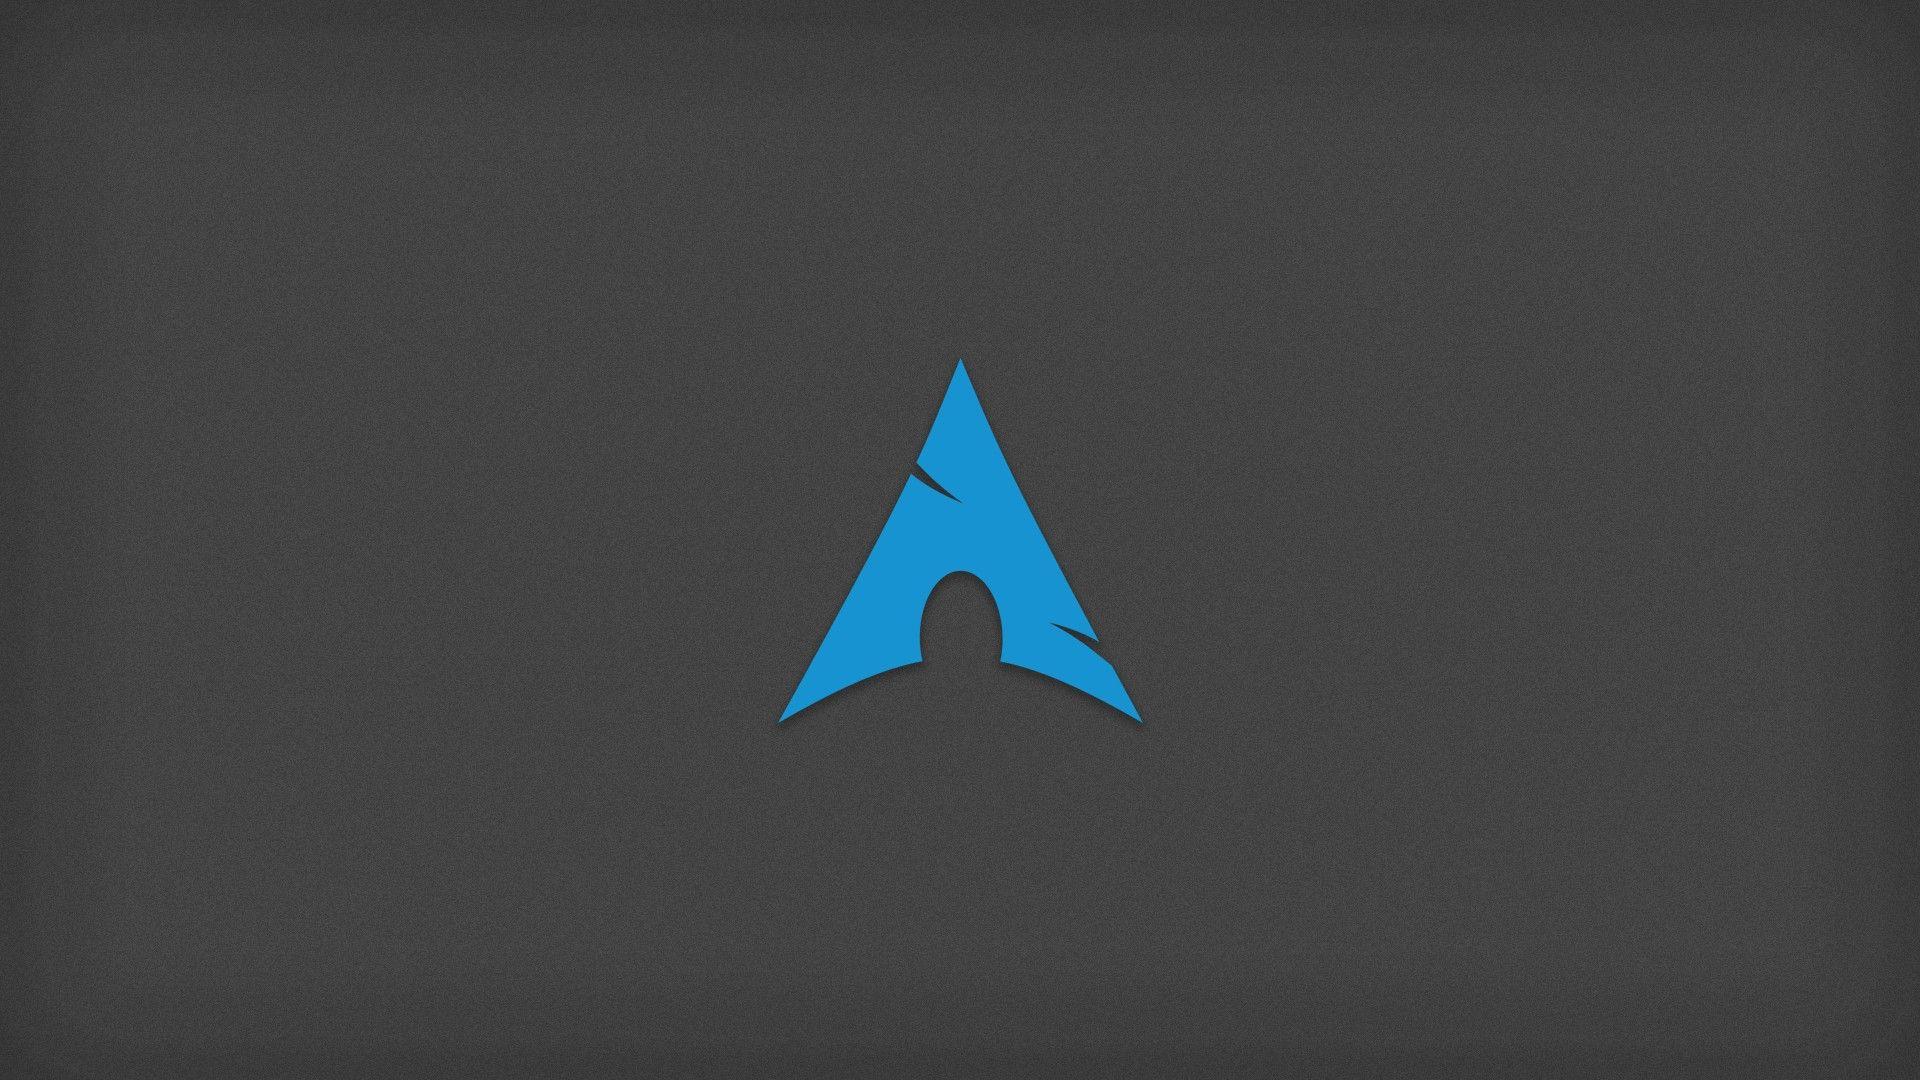 Arch desktop background